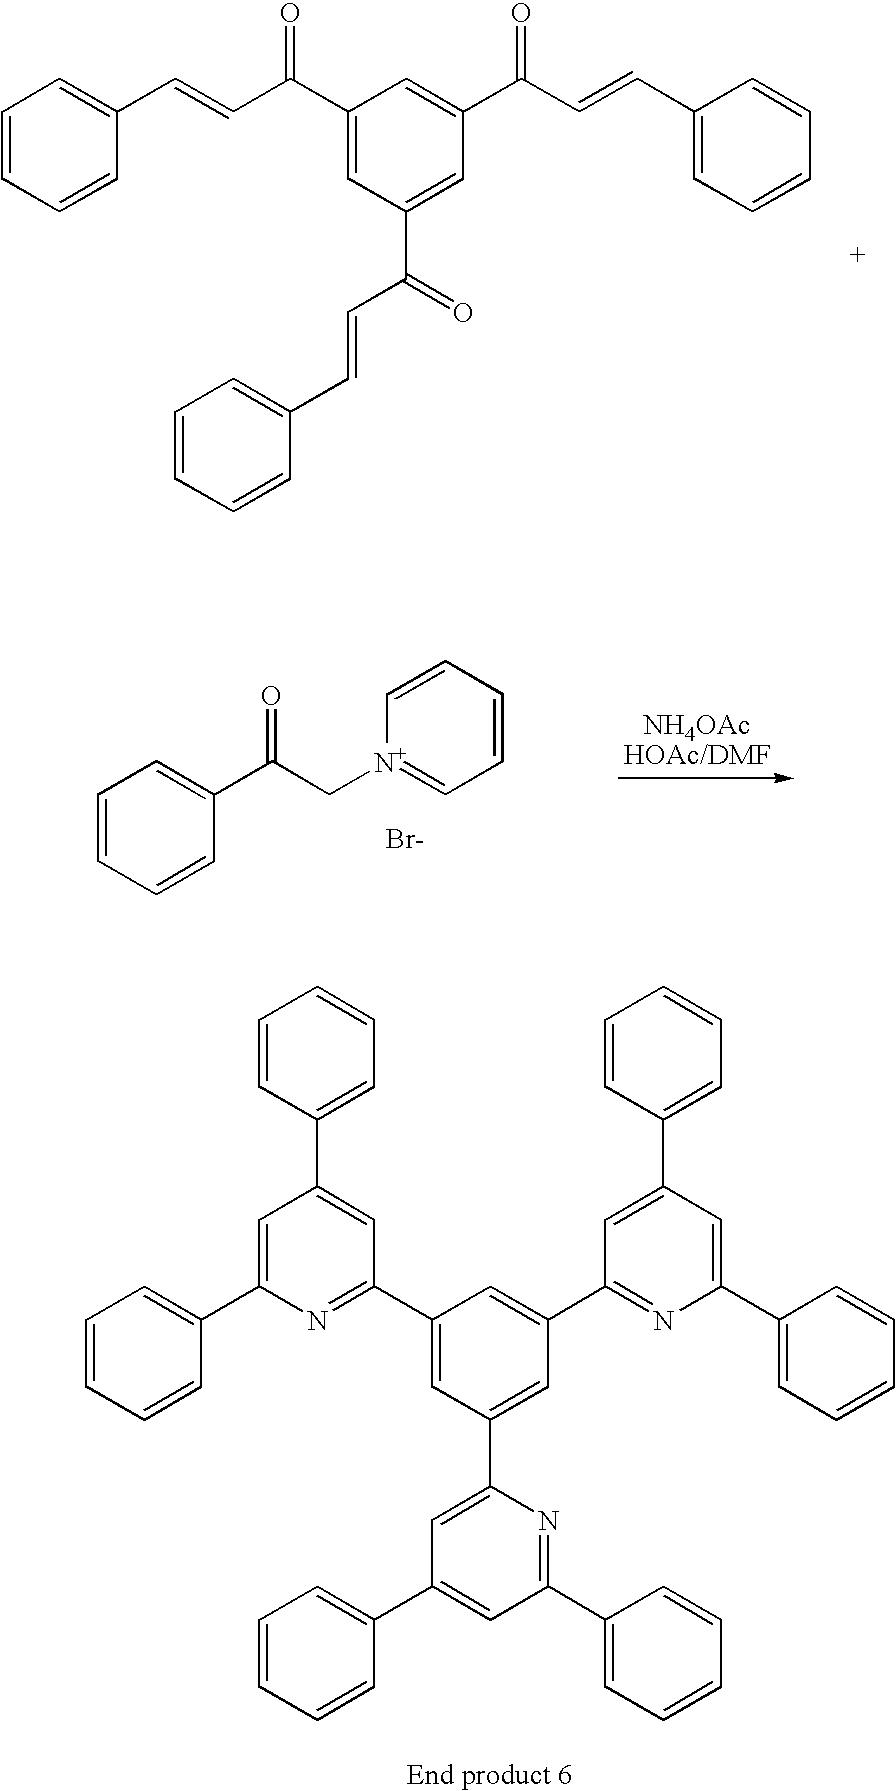 Figure US20060186796A1-20060824-C00131